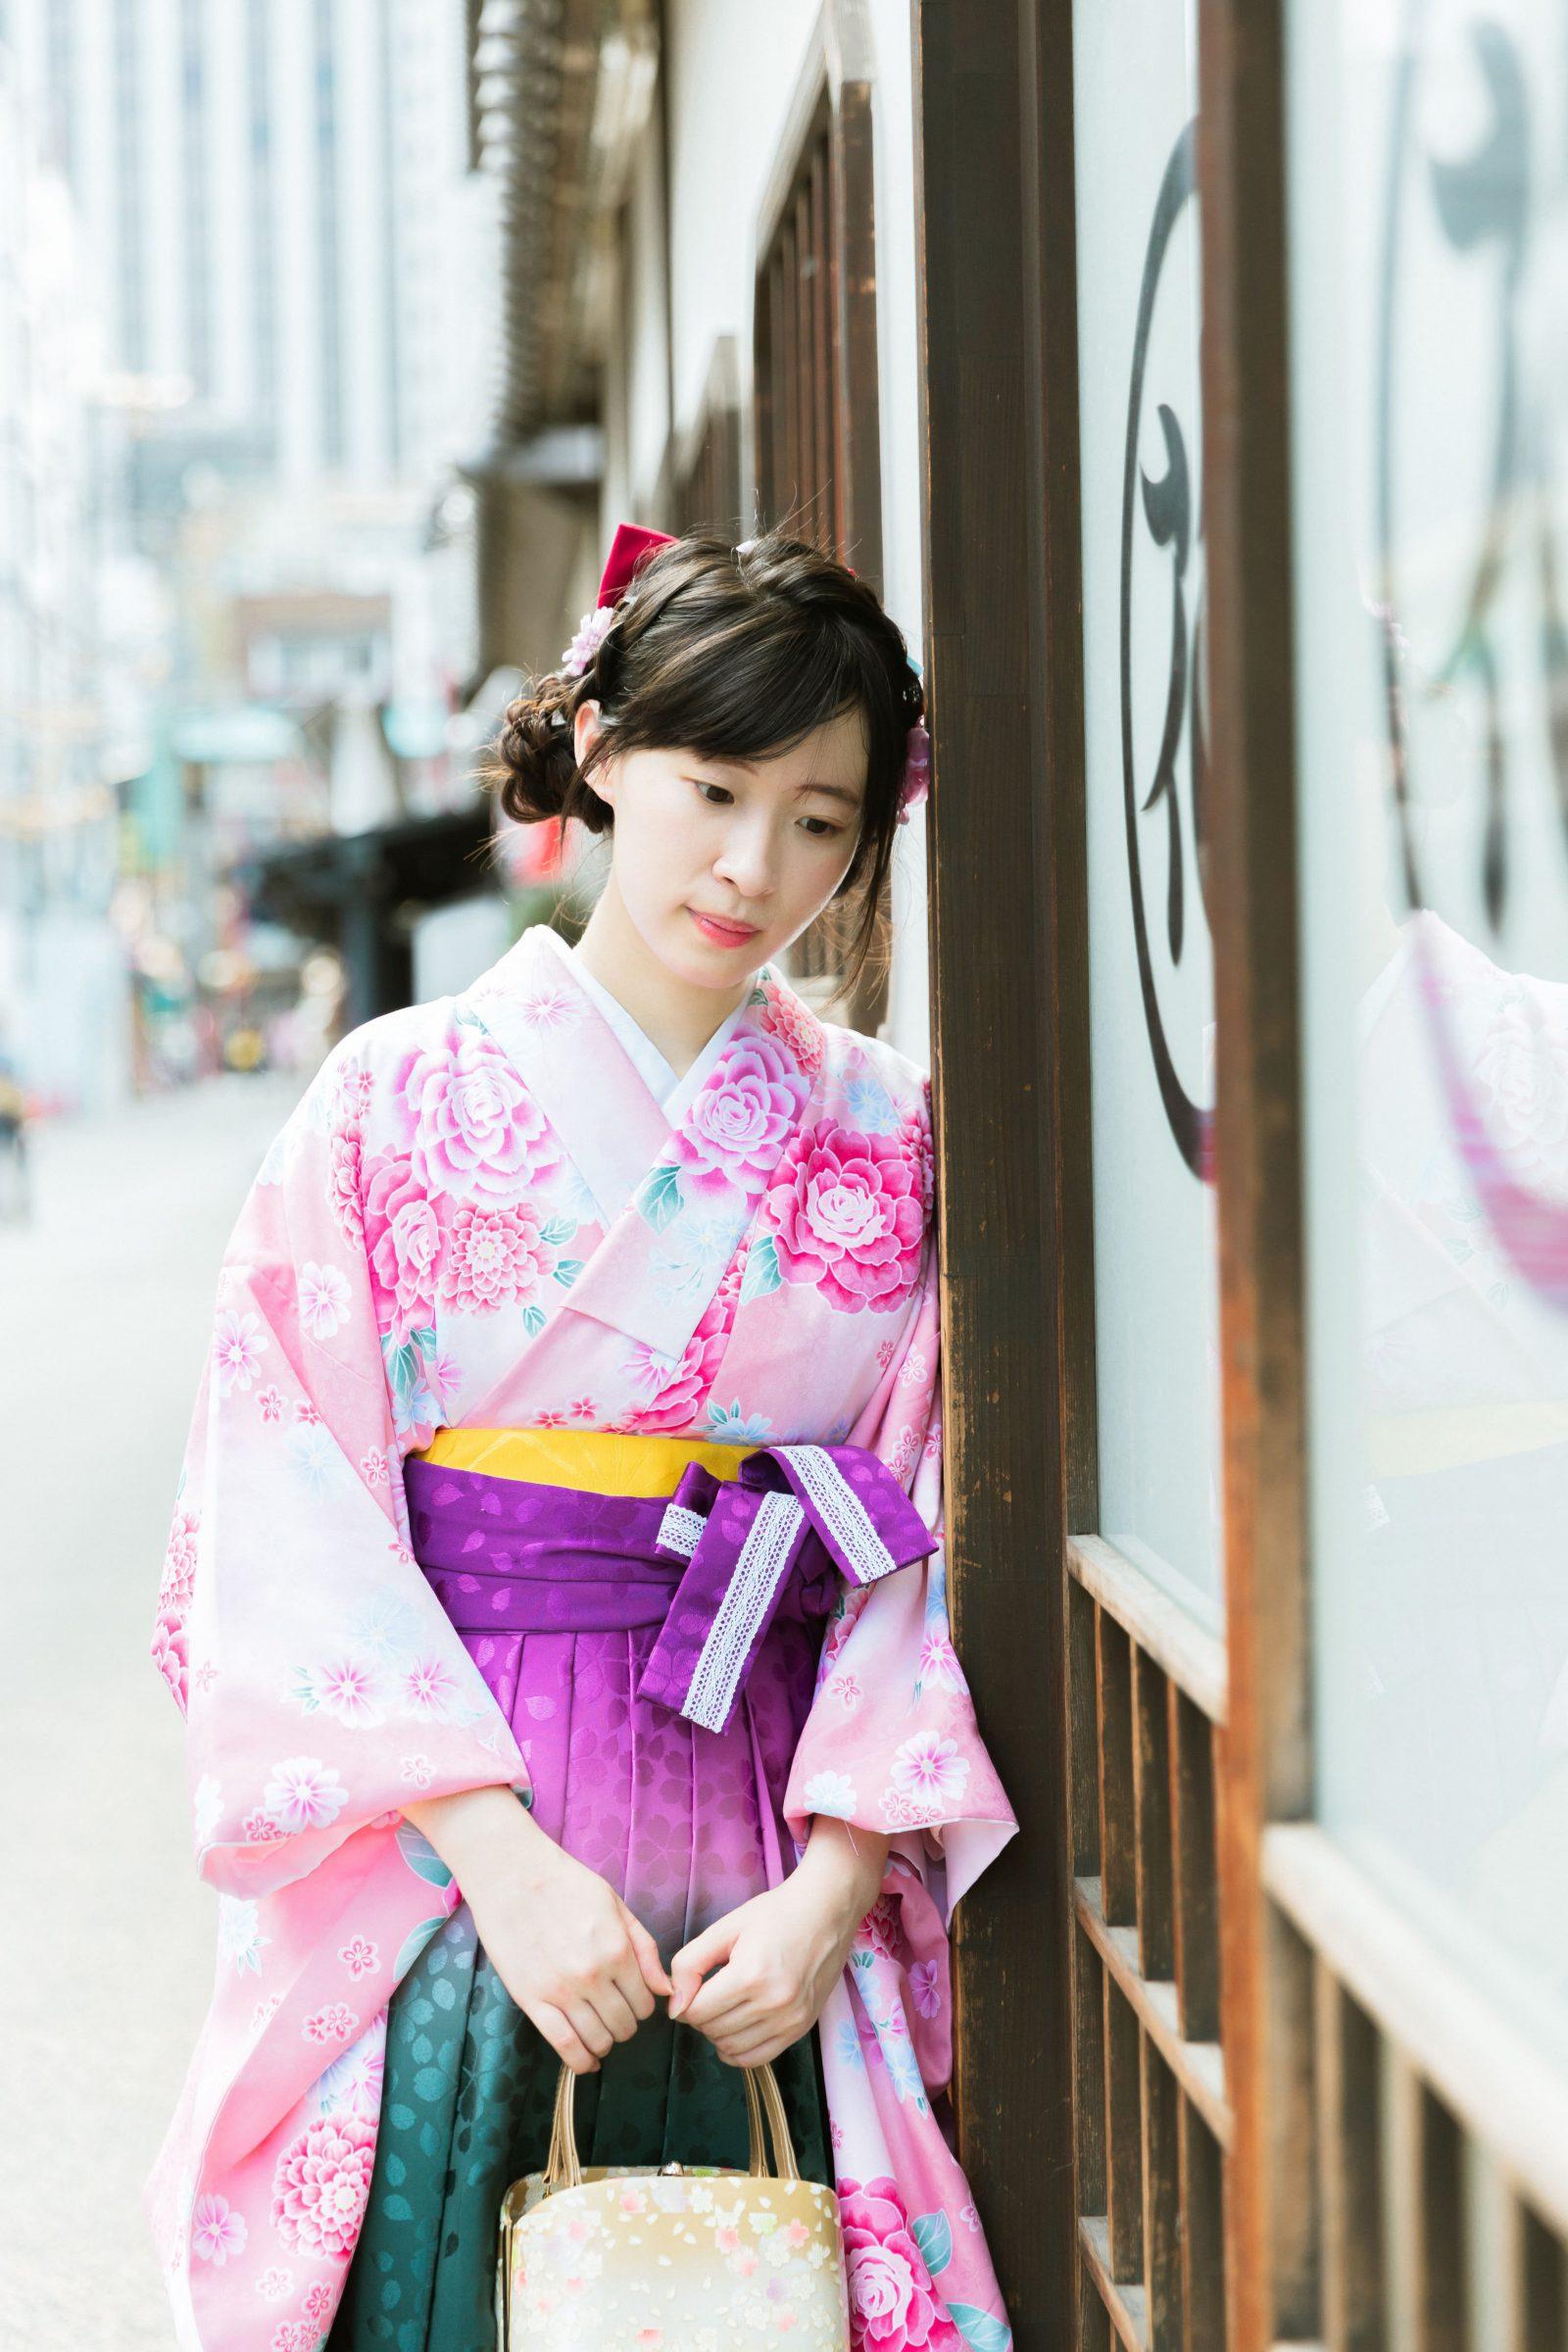 日本畢業典禮穿的「卒業袴」!江戶和裝工房雅上野分店一日體驗